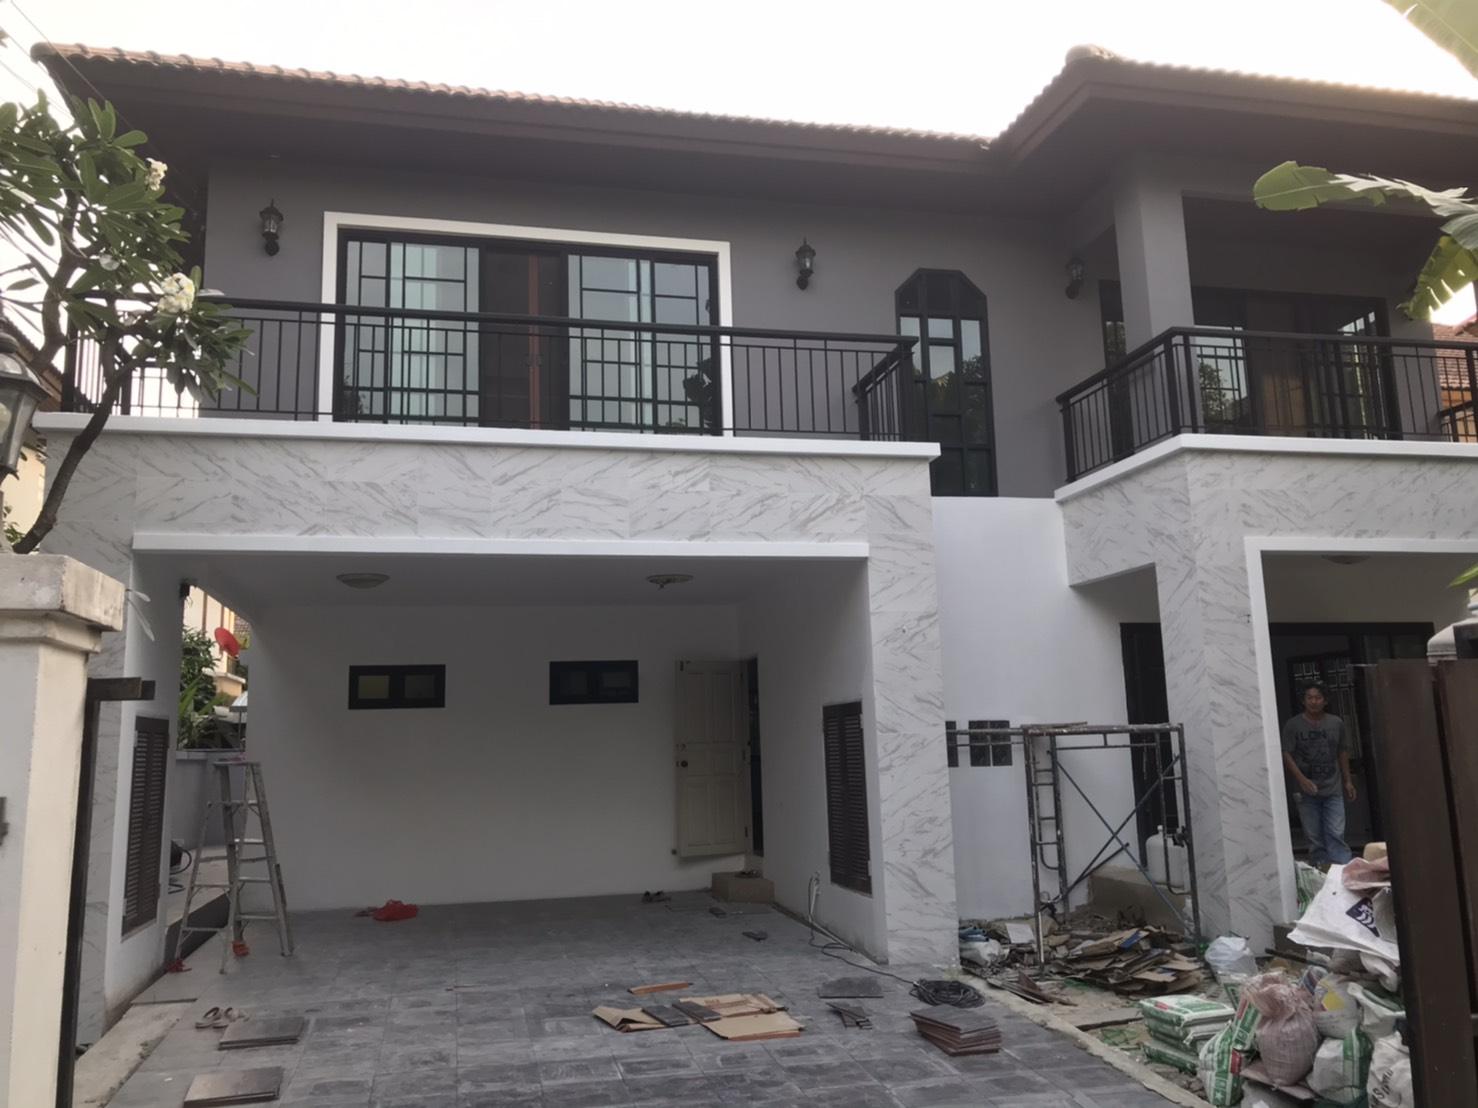 ขายบ้านเดี่ยว สุขุมวิท77 Renovateใหม่ 100% ขนาด 84วา